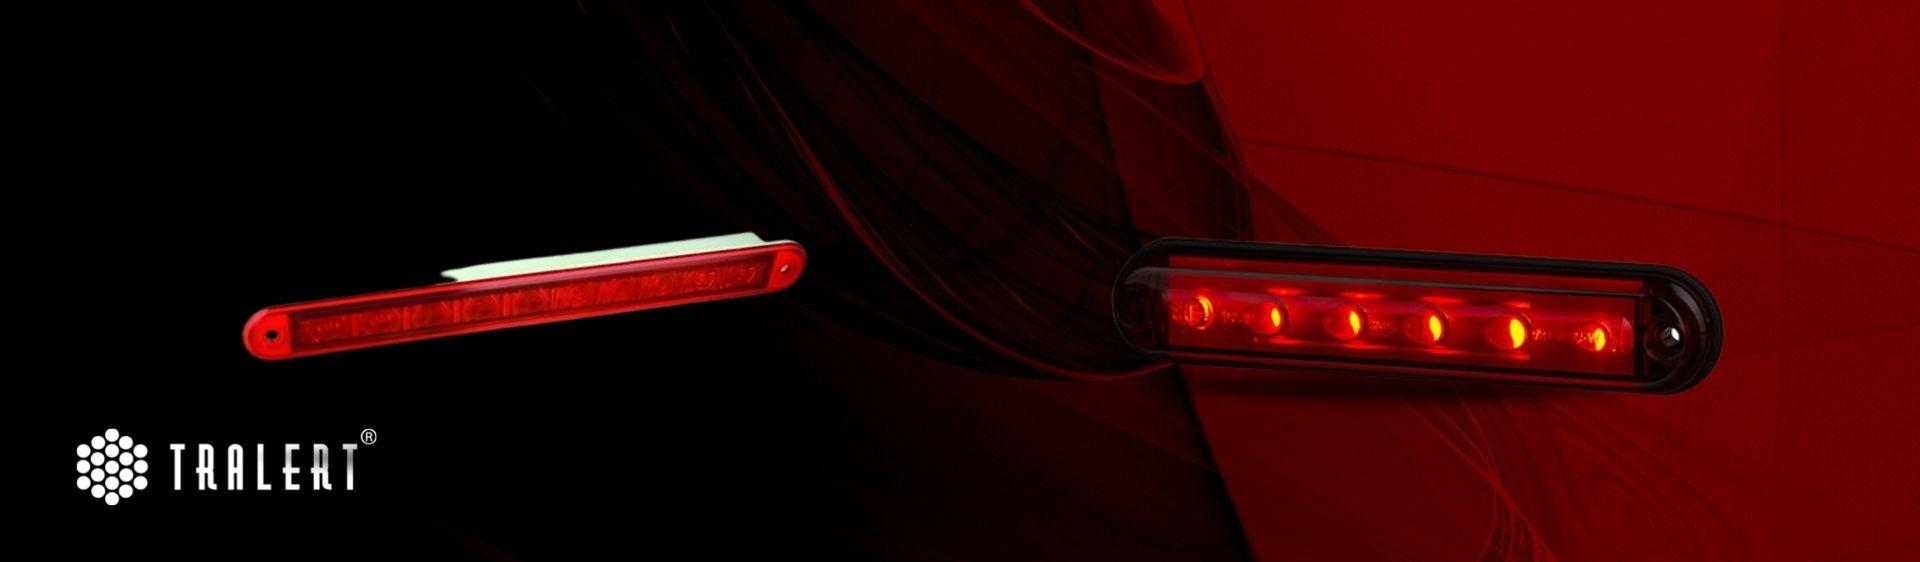 Derde remlicht LED